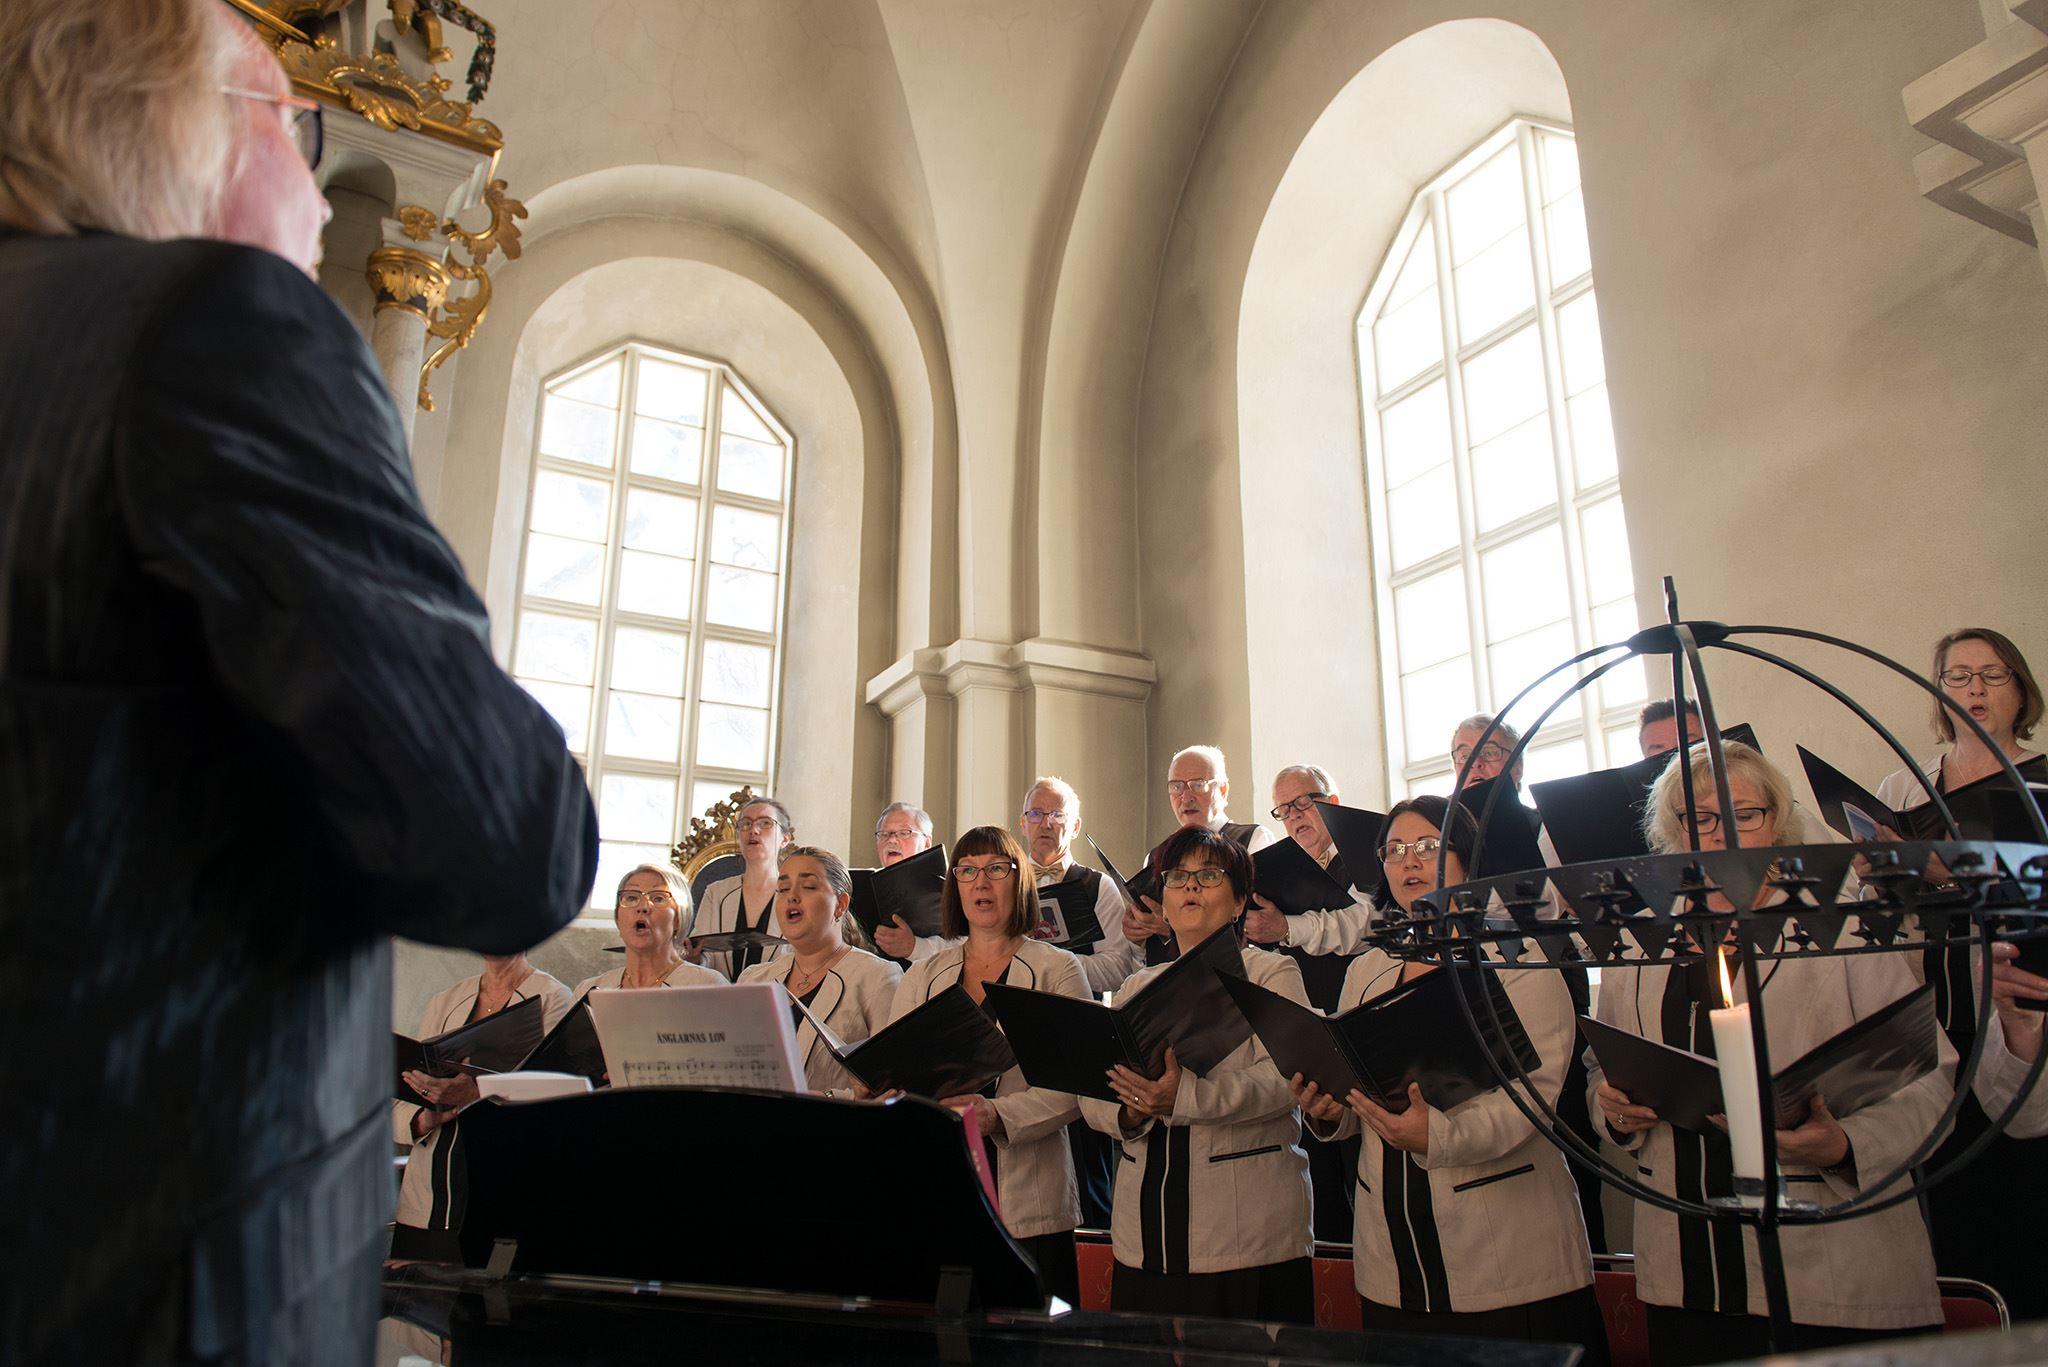 Vårkonsert i Ånge kyrka